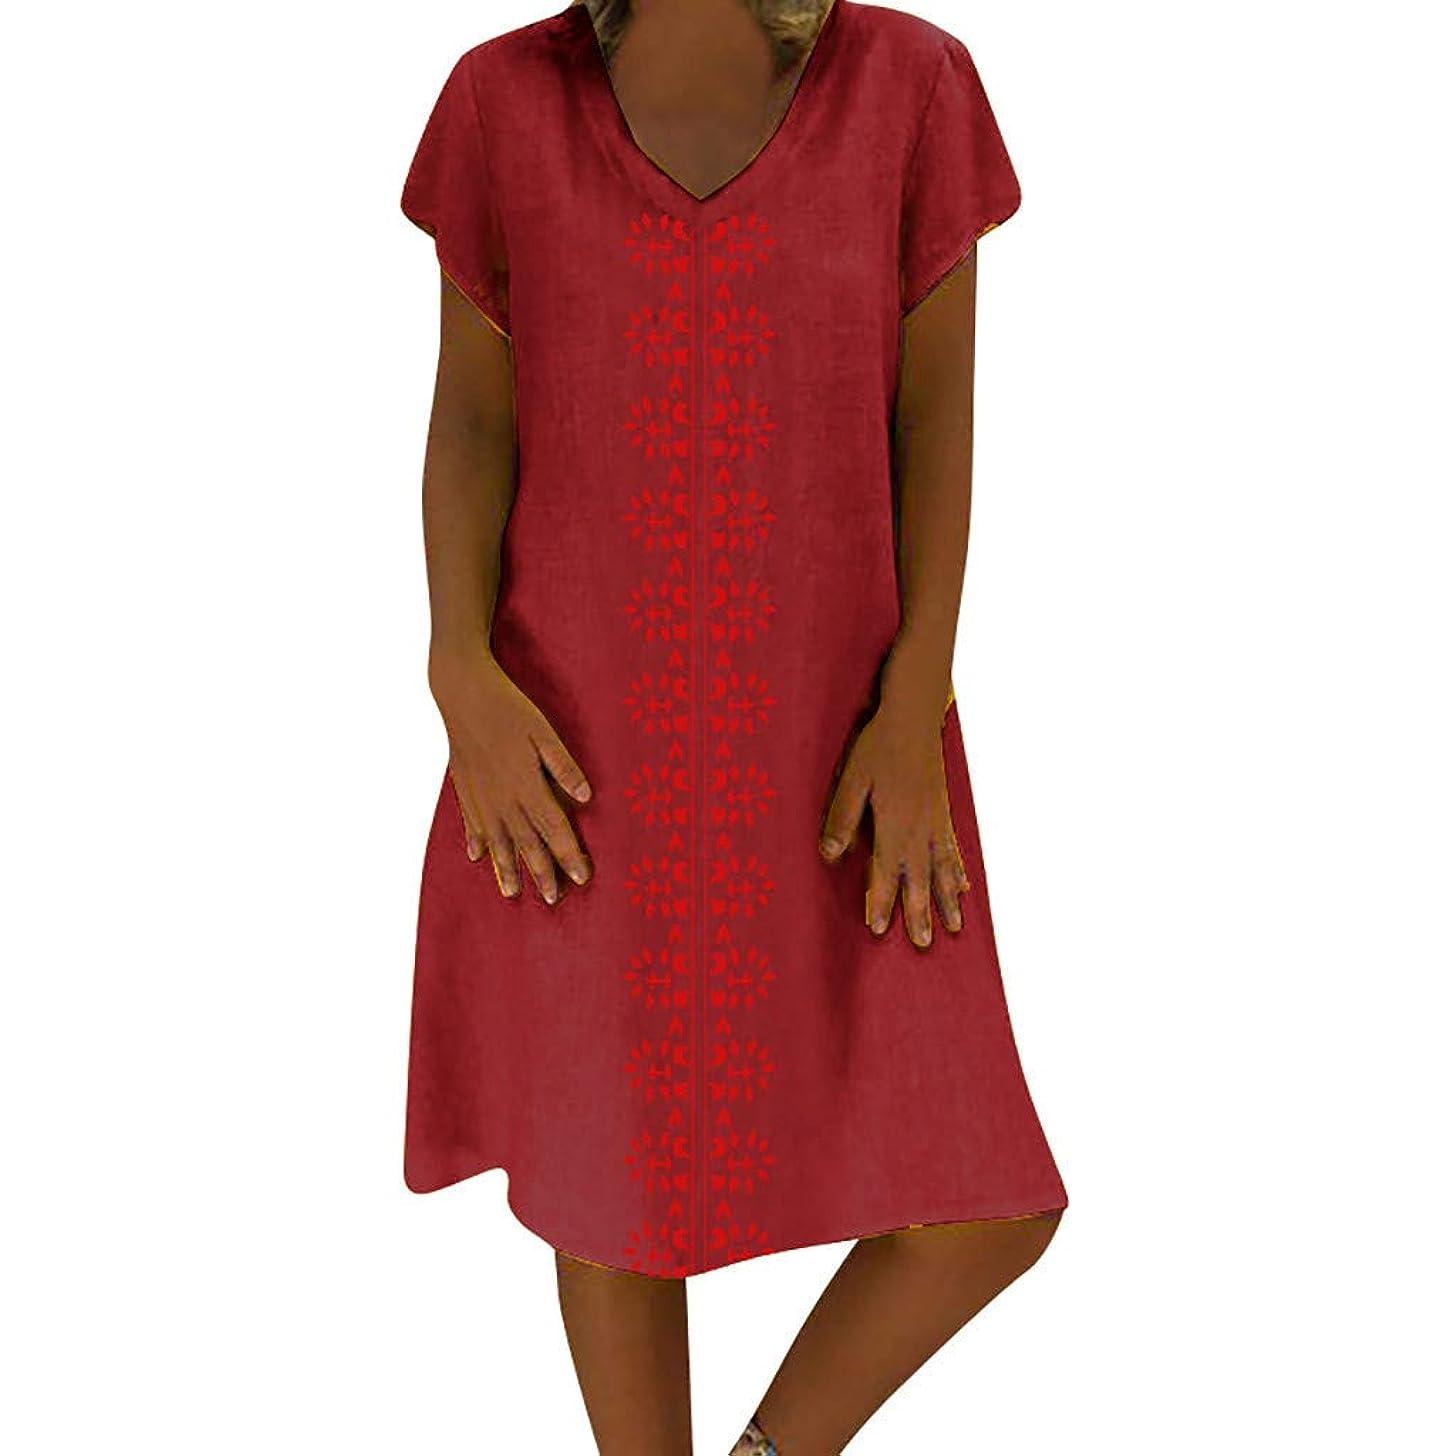 Sttech1 Women's Summer Printed Linen Dress Plus Size S-5XL